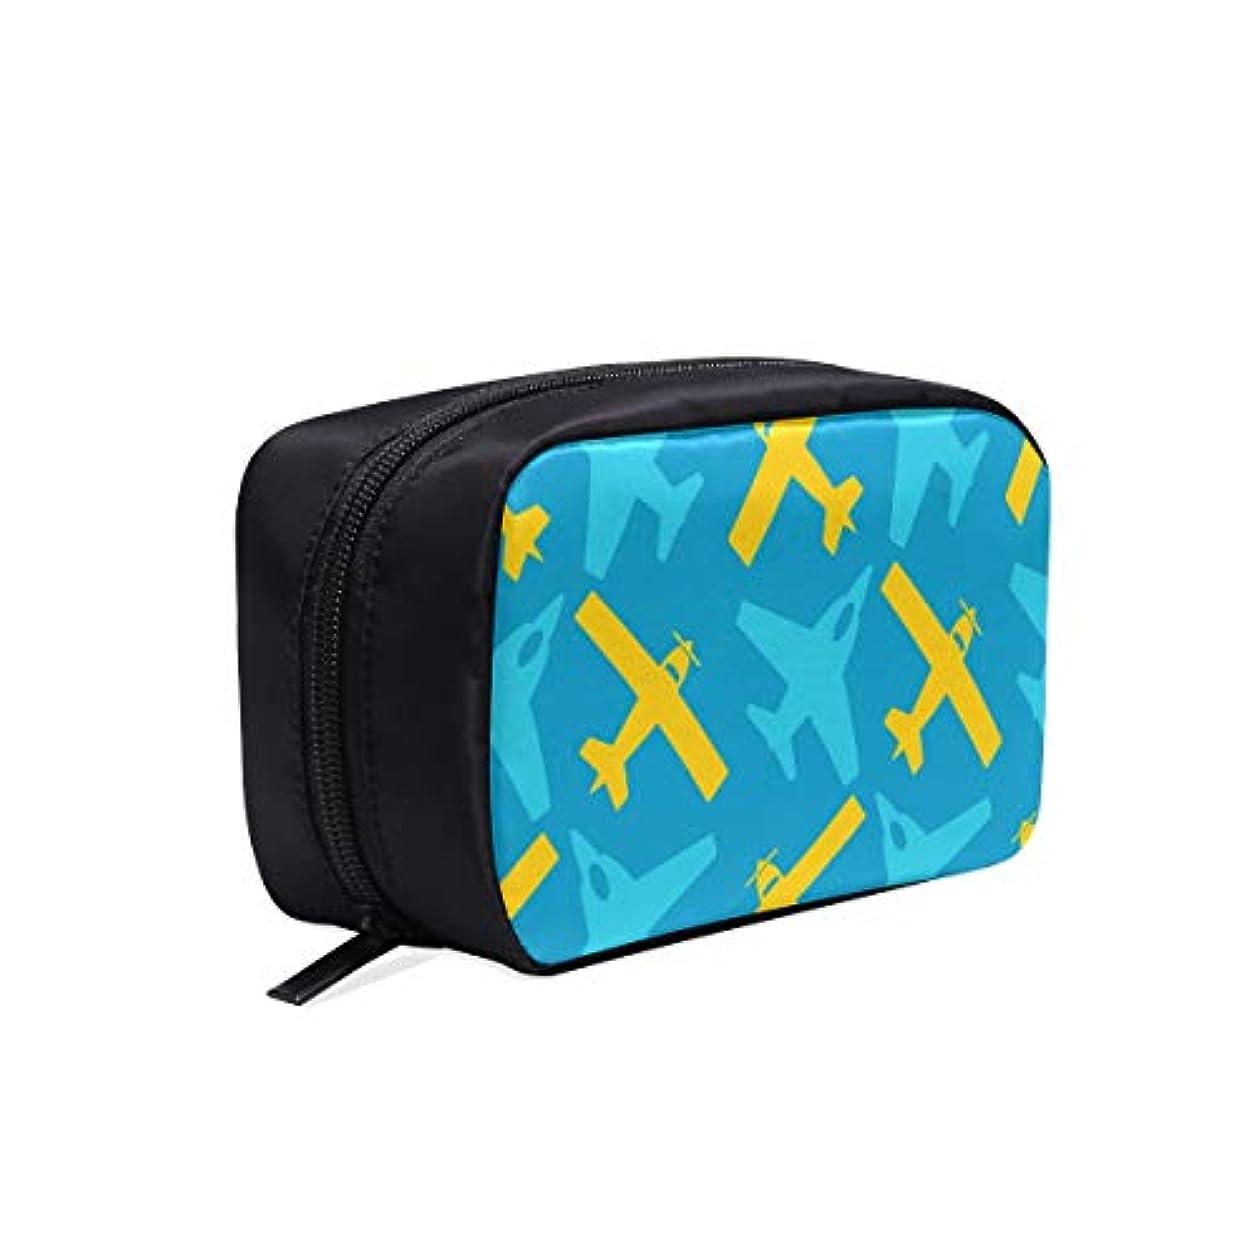 起きる南方の撃退するDMHYJ メイクポーチ 可愛い飛行機 ボックス コスメ収納 化粧品収納ケース 大容量 収納 化粧品入れ 化粧バッグ 旅行用 メイクブラシバッグ 化粧箱 持ち運び便利 プロ用